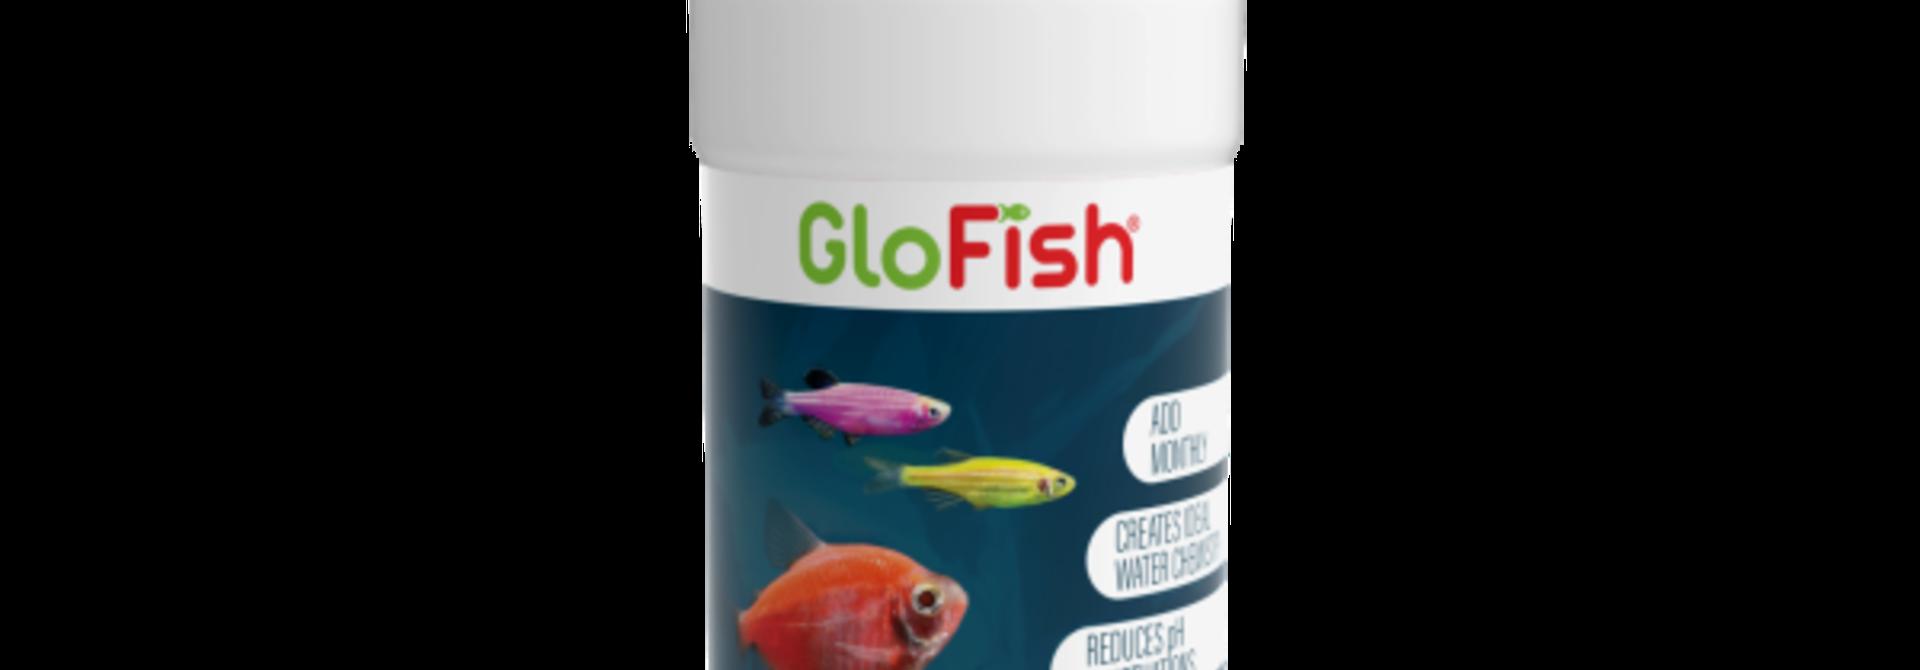 GloFish Water Balance 4oz